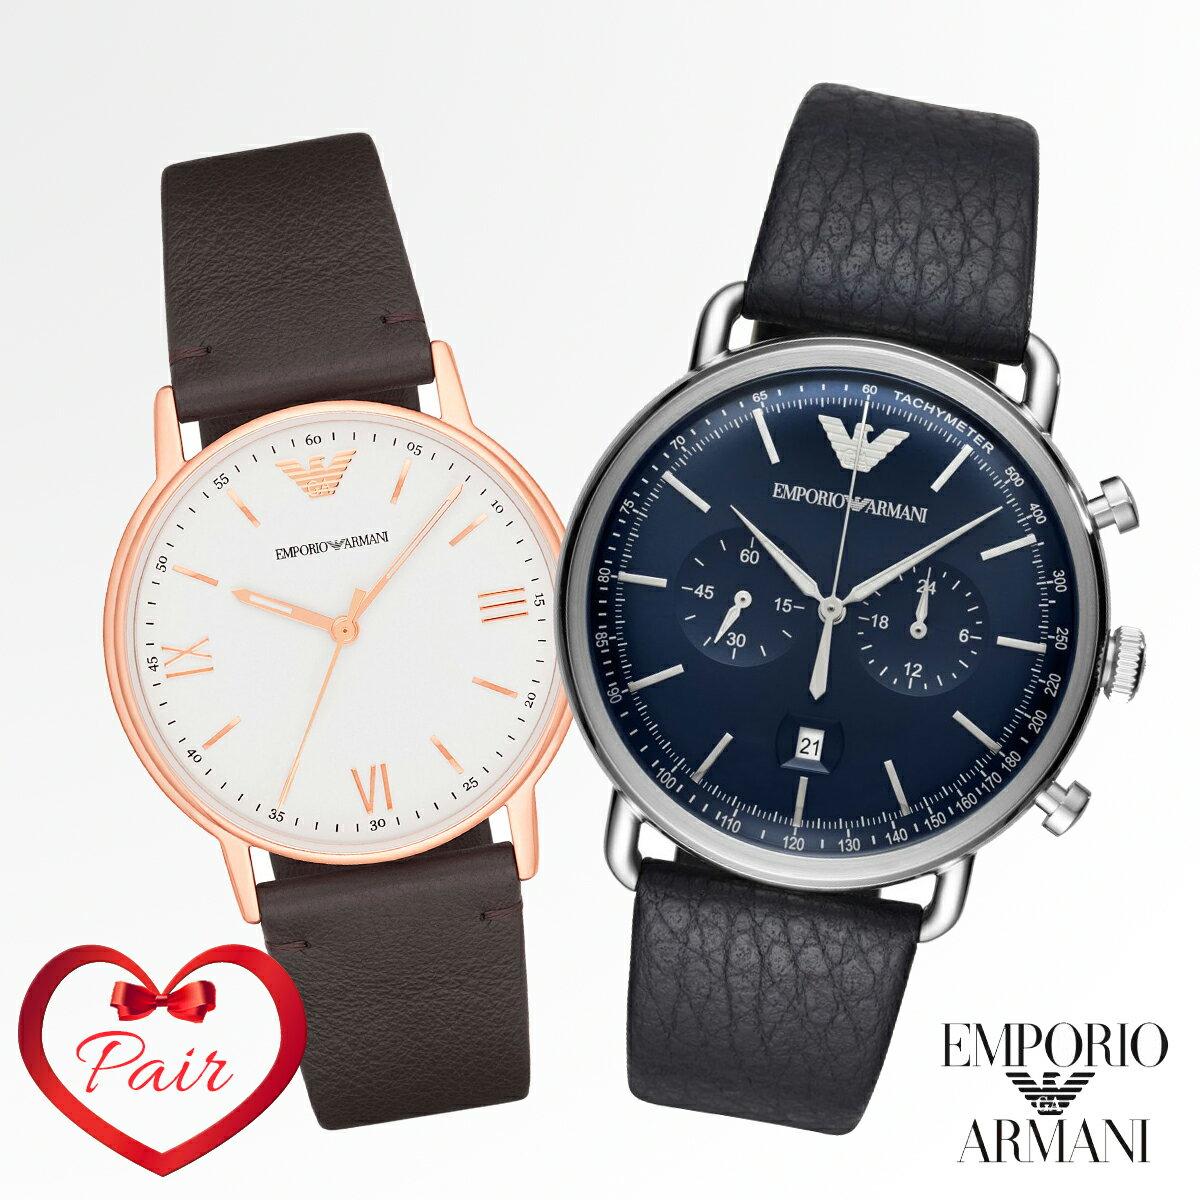 エンポリオアルマーニ EMPORIO ARMANI ペアウォッチ メンズ レディース セット AR11011 AR11105 腕時計 クォーツ